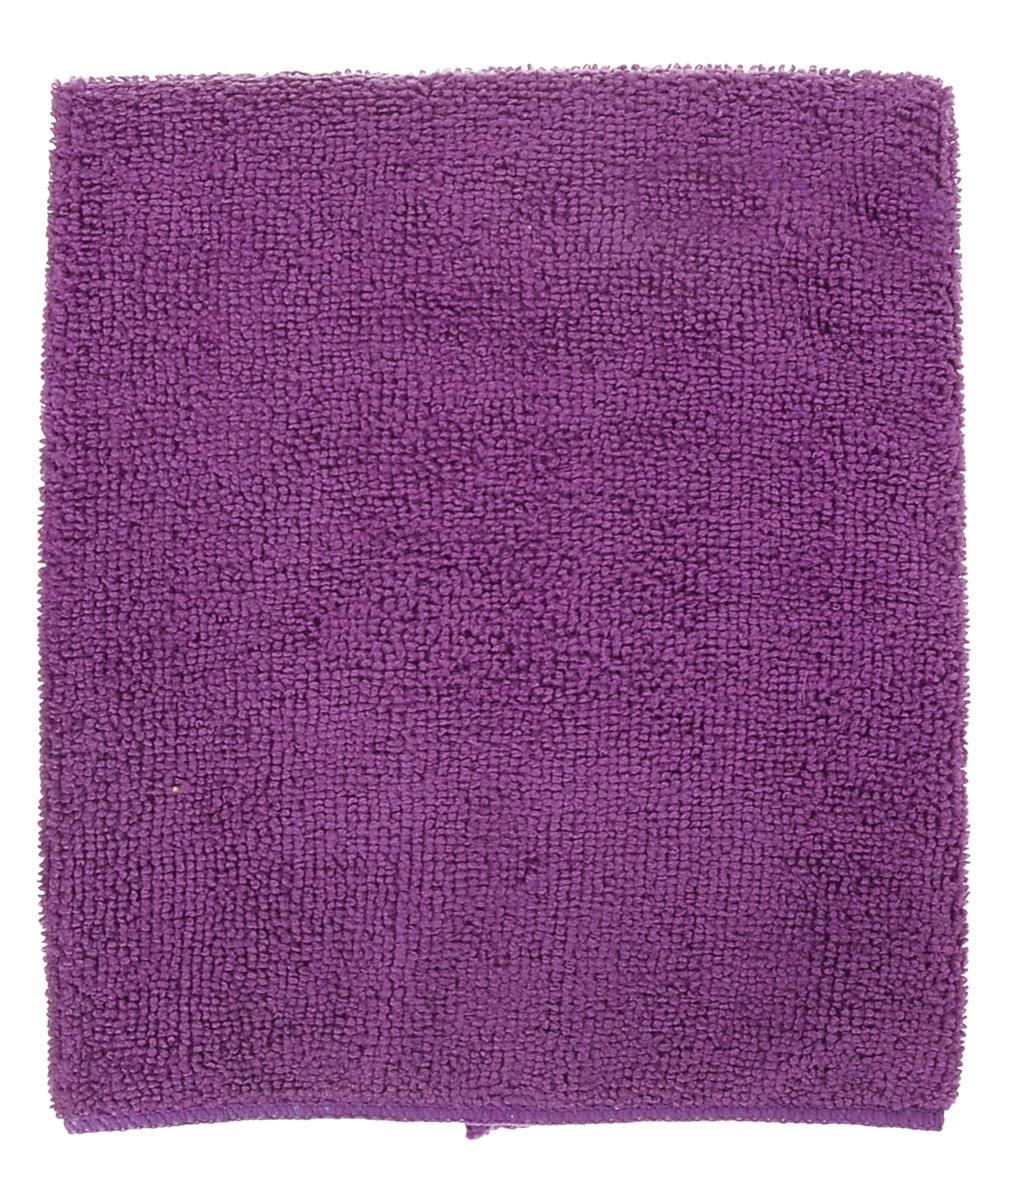 Салфетка универсальная York Prestige, впитывающая, цвет: фиолетовый, 38 х 38 смS03301004Салфетка York Prestige, изготовленная из микрофибры (полиамида и полиэстера), предназначена для сухой и влажной уборки. Подходит для ухода за любыми поверхностями. Не оставляет разводов и ворсинок. Обладает отличными впитывающими свойствами.